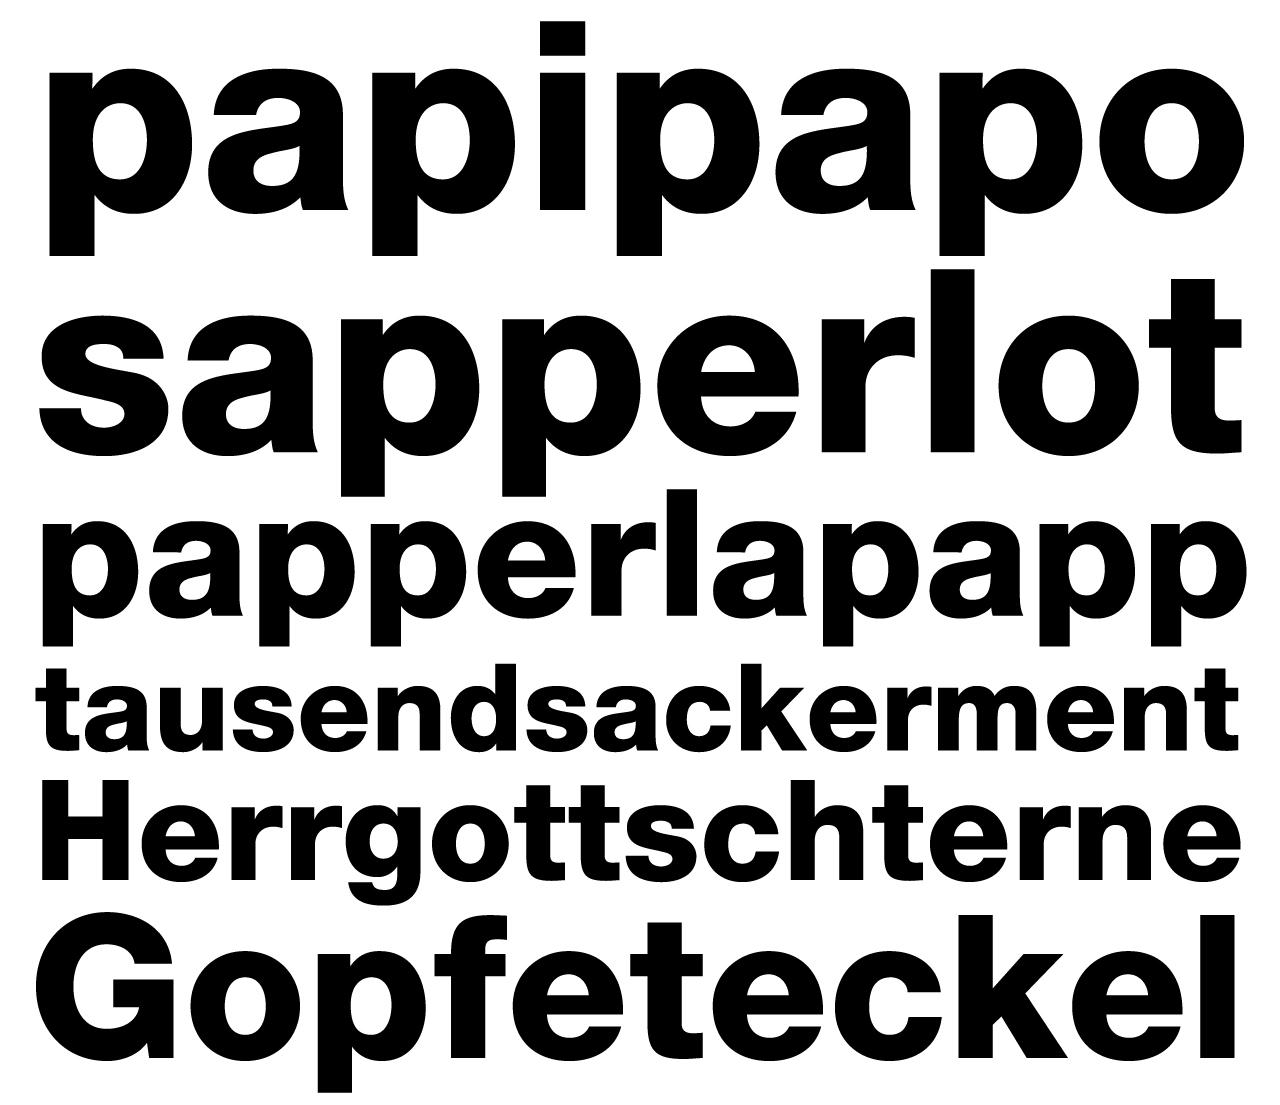 Gopfeteckel sapperlot papperlapapp tausendsackerment Hergottschterne Gopfeteckel